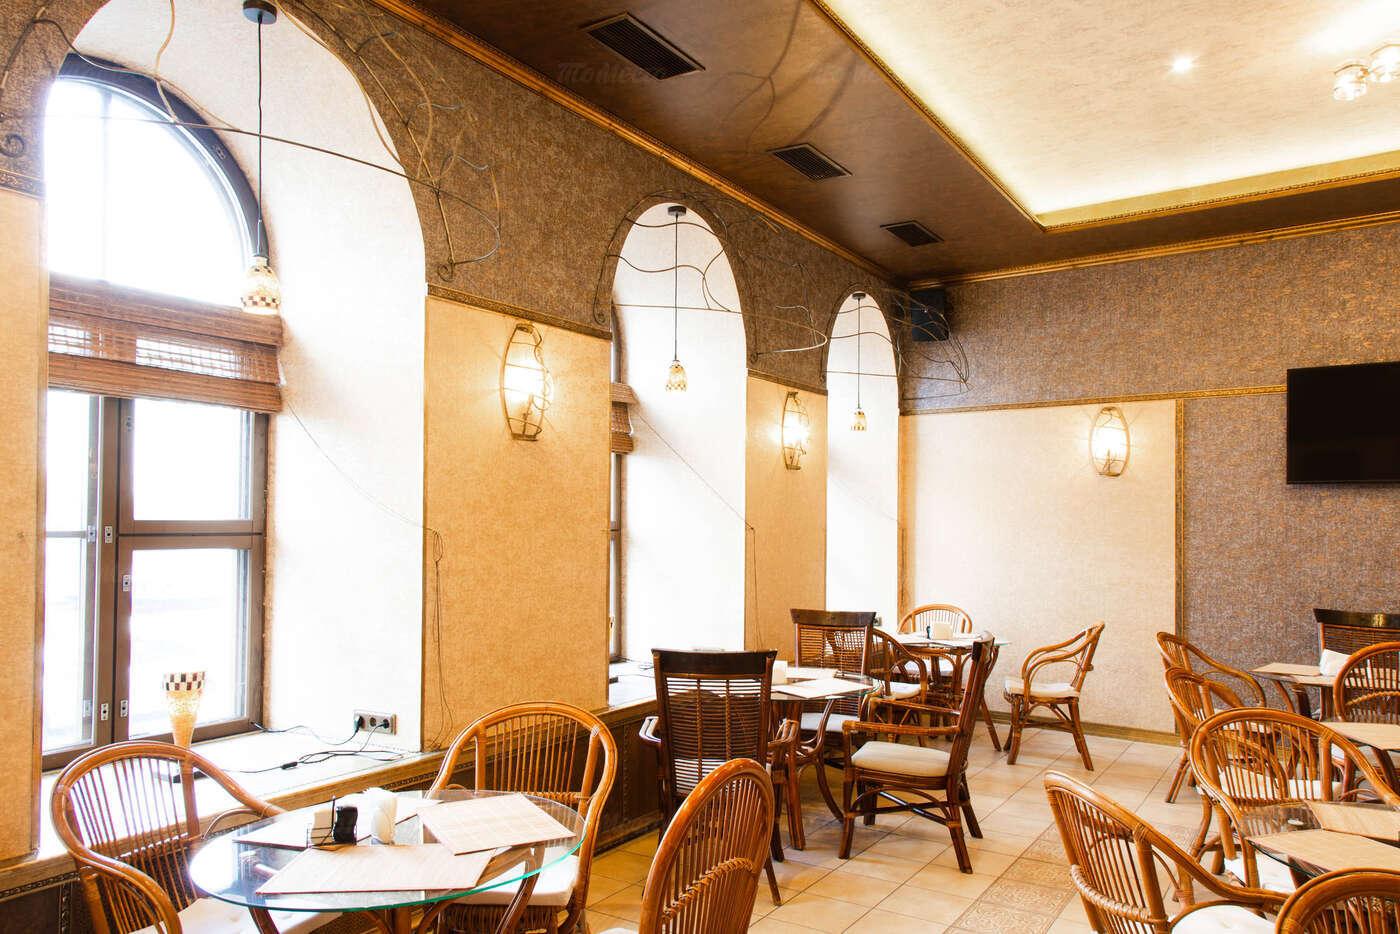 Ресторан BISTRO A-STYLE (Бистро астайл) на набережной реки Фонтанки фото 5